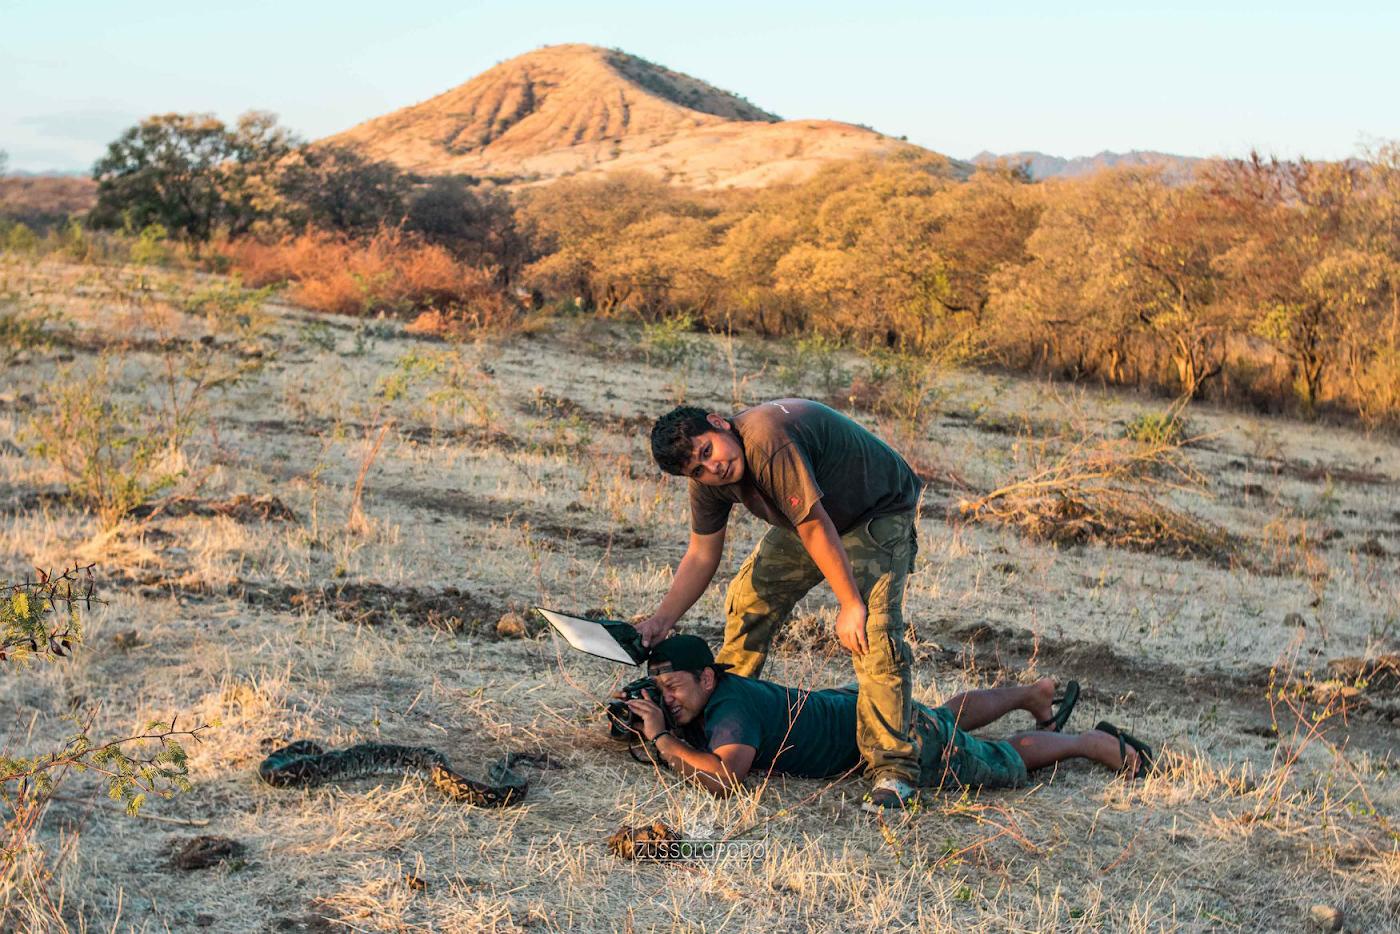 Фото 24. В поисках интересного ракурса. Фотограф Juan Ma Gonzalez в одном из национальных парков Мексики за работой. Съемка на Nikon D5600 + Laowa 15mm f4 1:1 Macro.